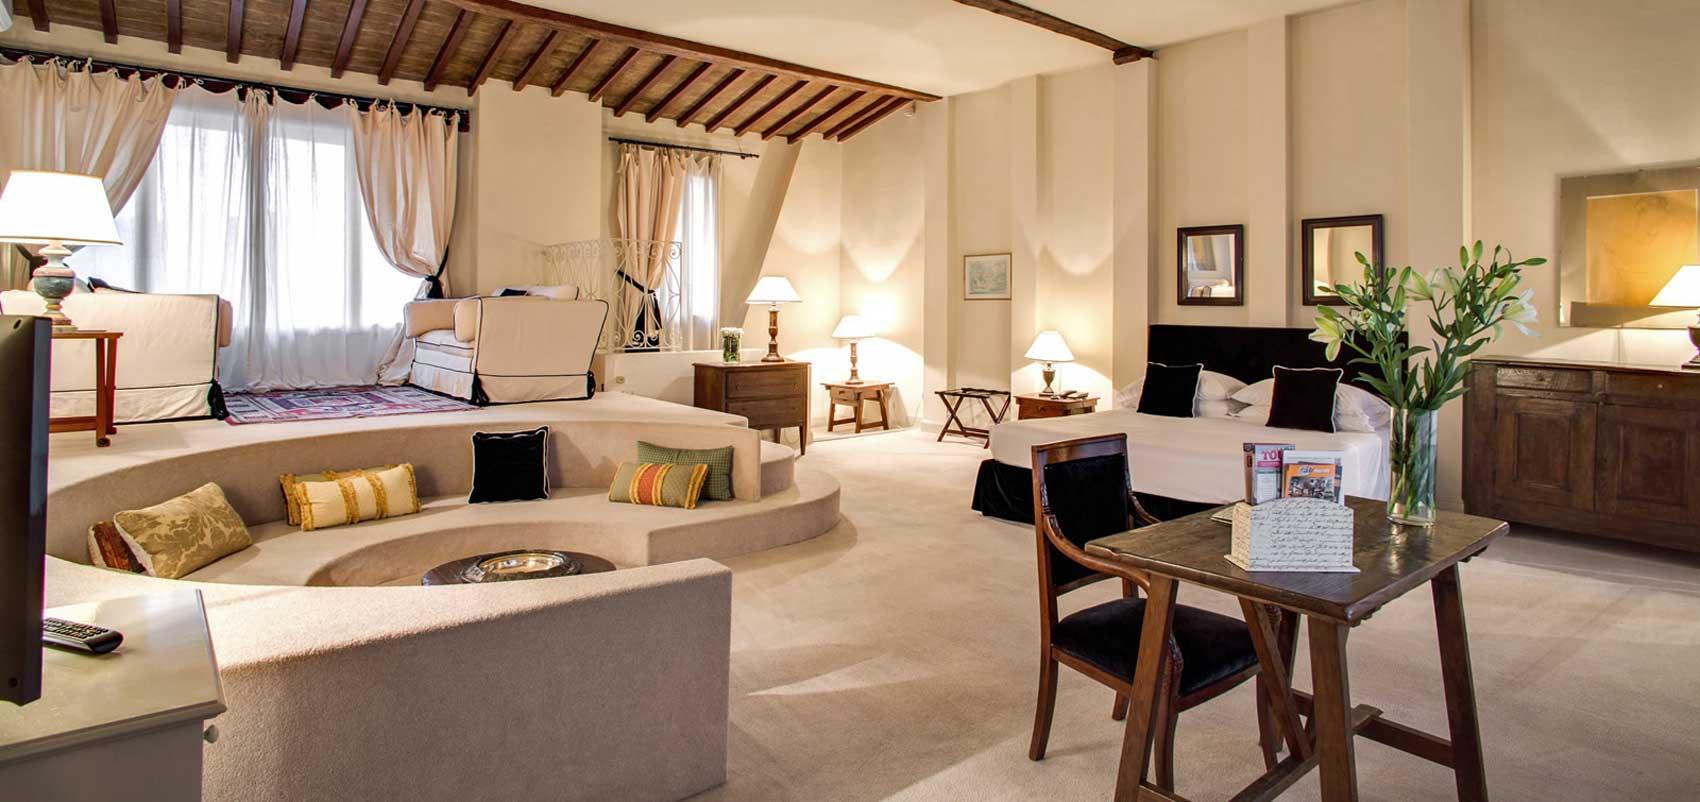 Une suite du J and J Hotel de charme, Florence - Itallie